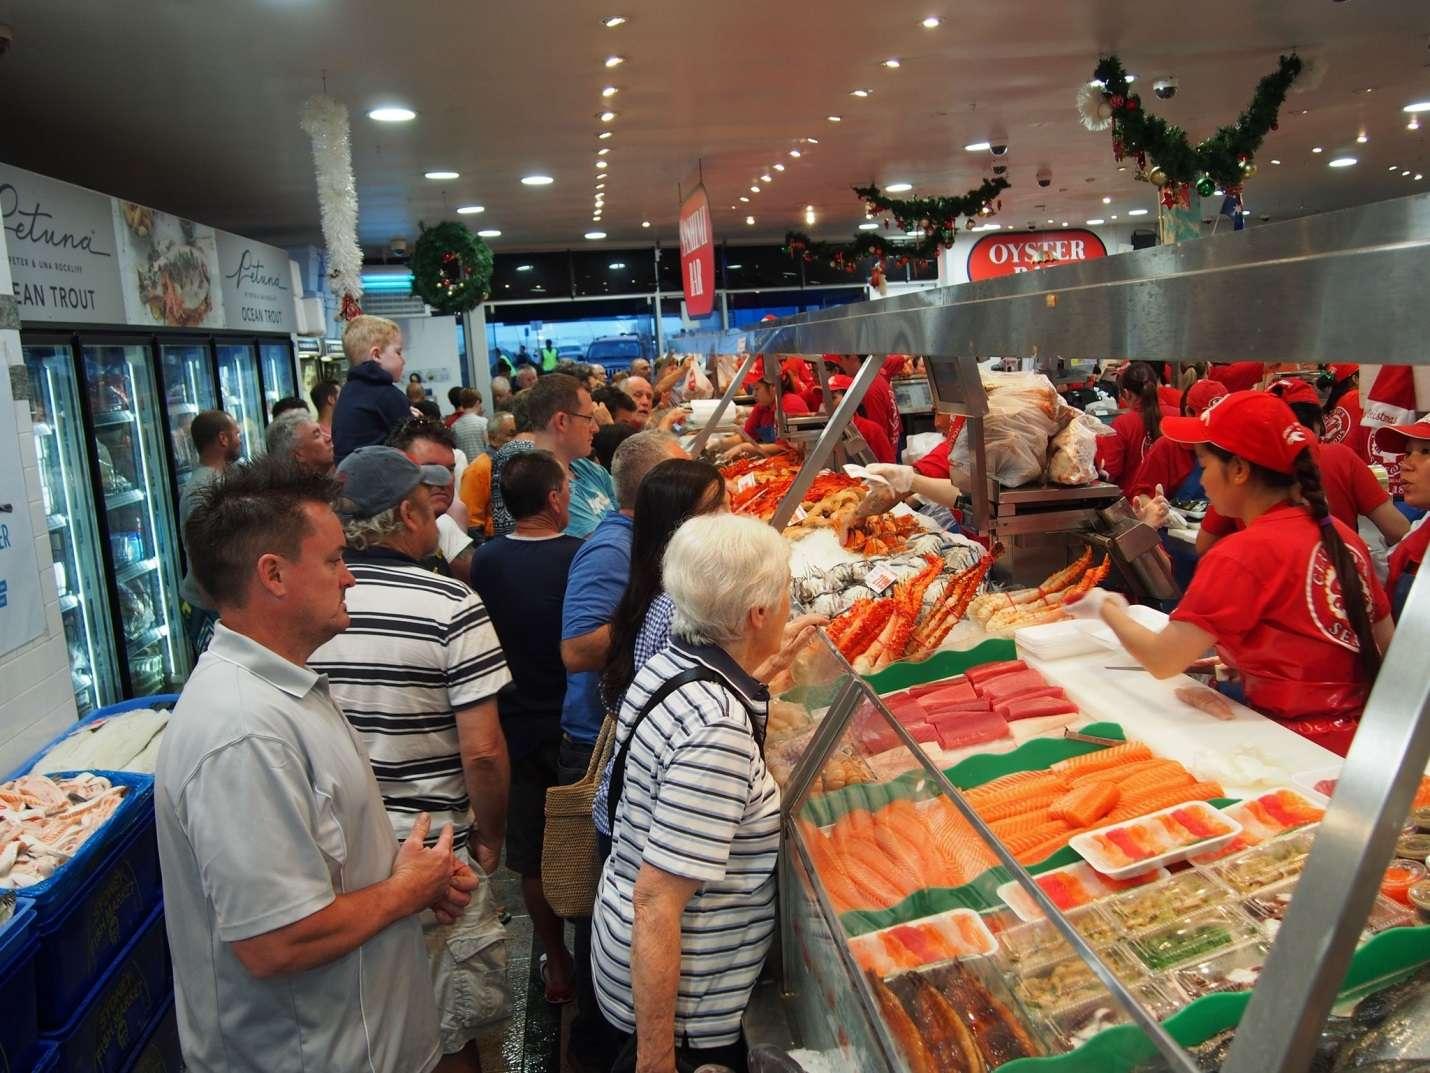 Không chỉ bán lẻ trực tiếp, các cửa hàng còn tham gia hệ thống bản sỉ kết nối mạng để tiêu thụ 50-55 tấn cá mỗi ngày